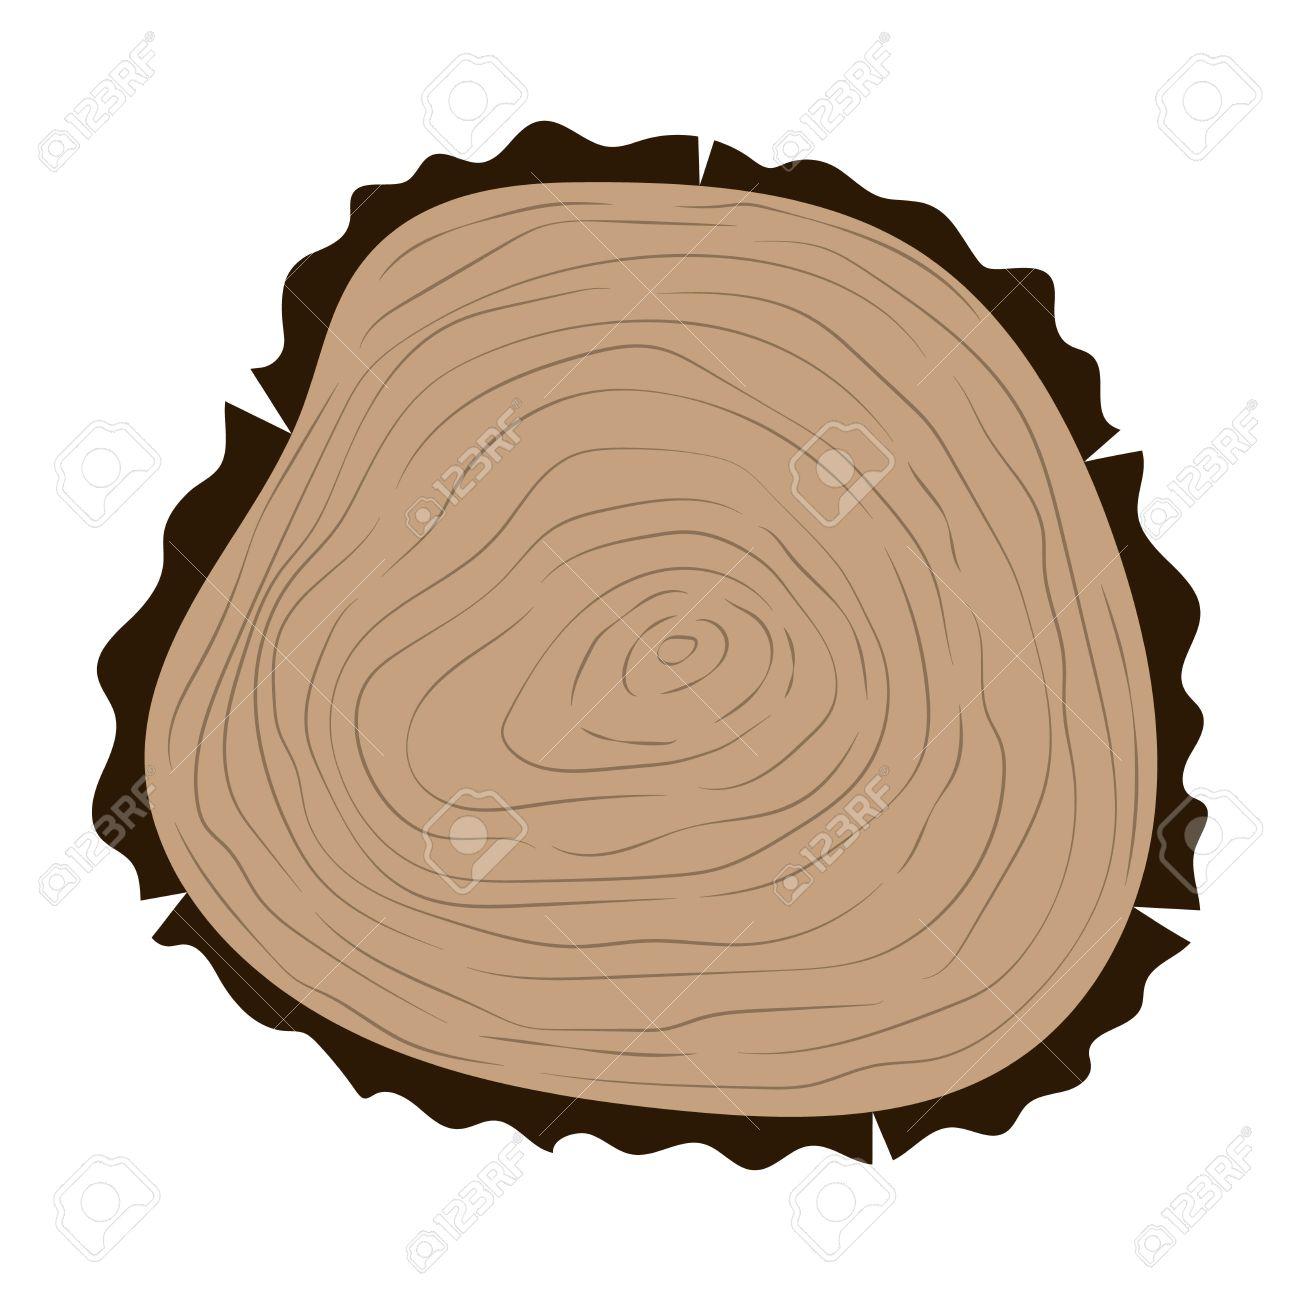 Wood Circle Clipart.